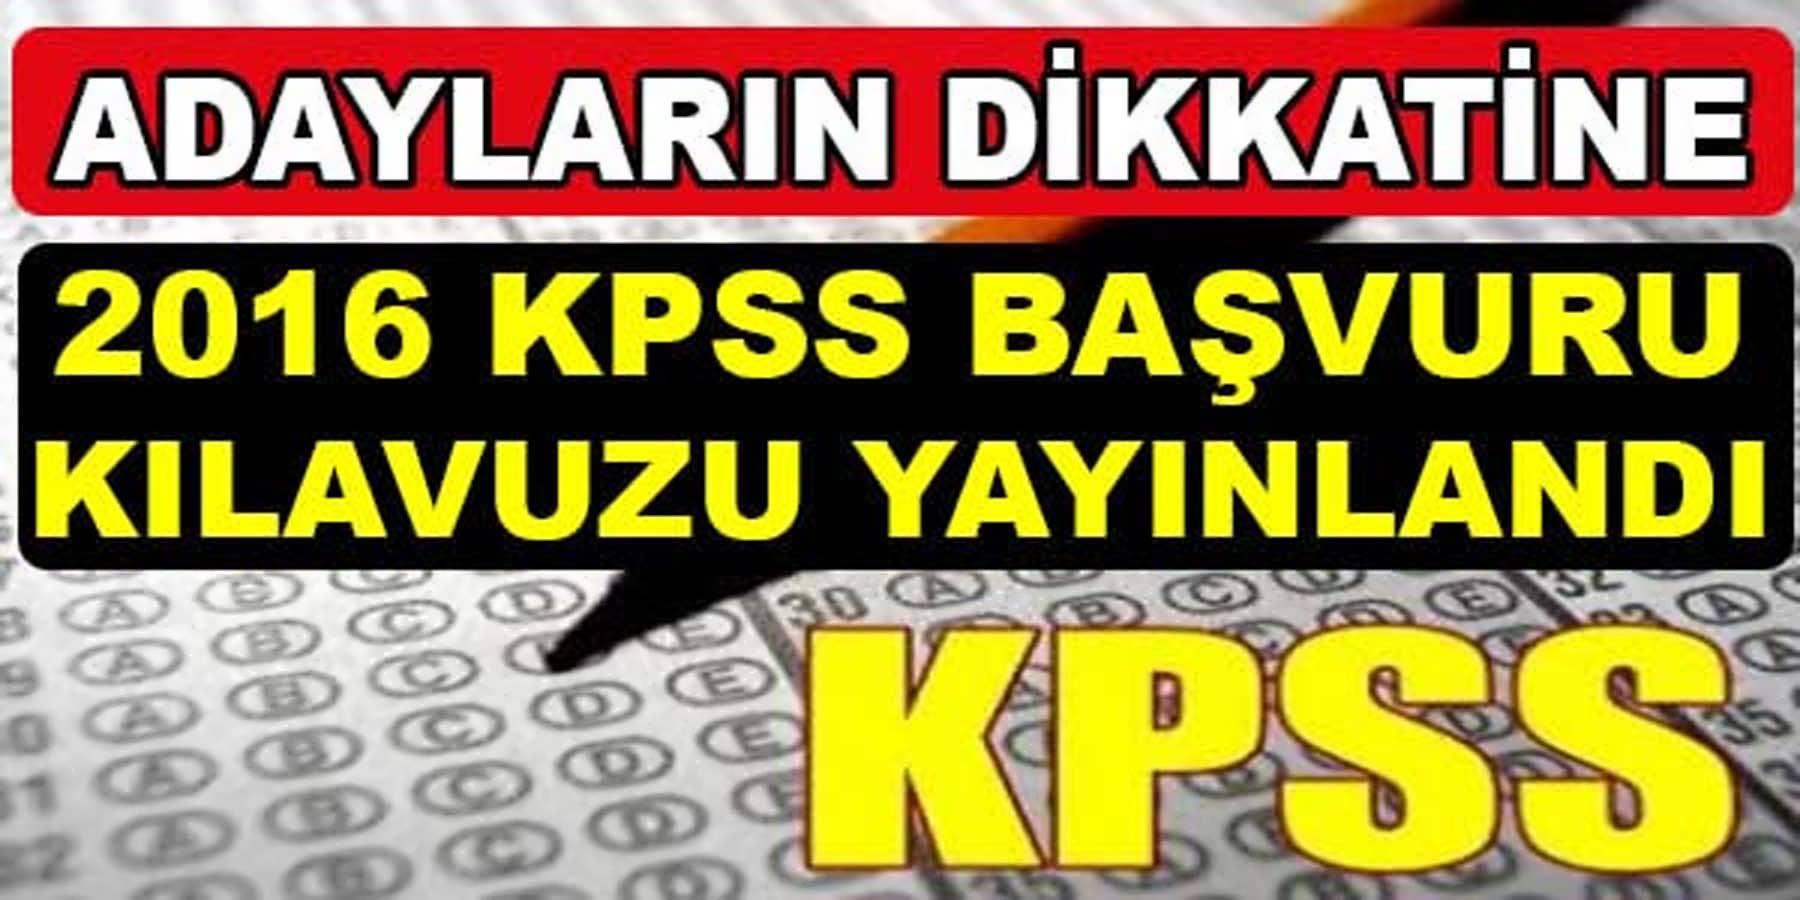 2016 KPSS Başvuru Kılavuzu Yayınlandı